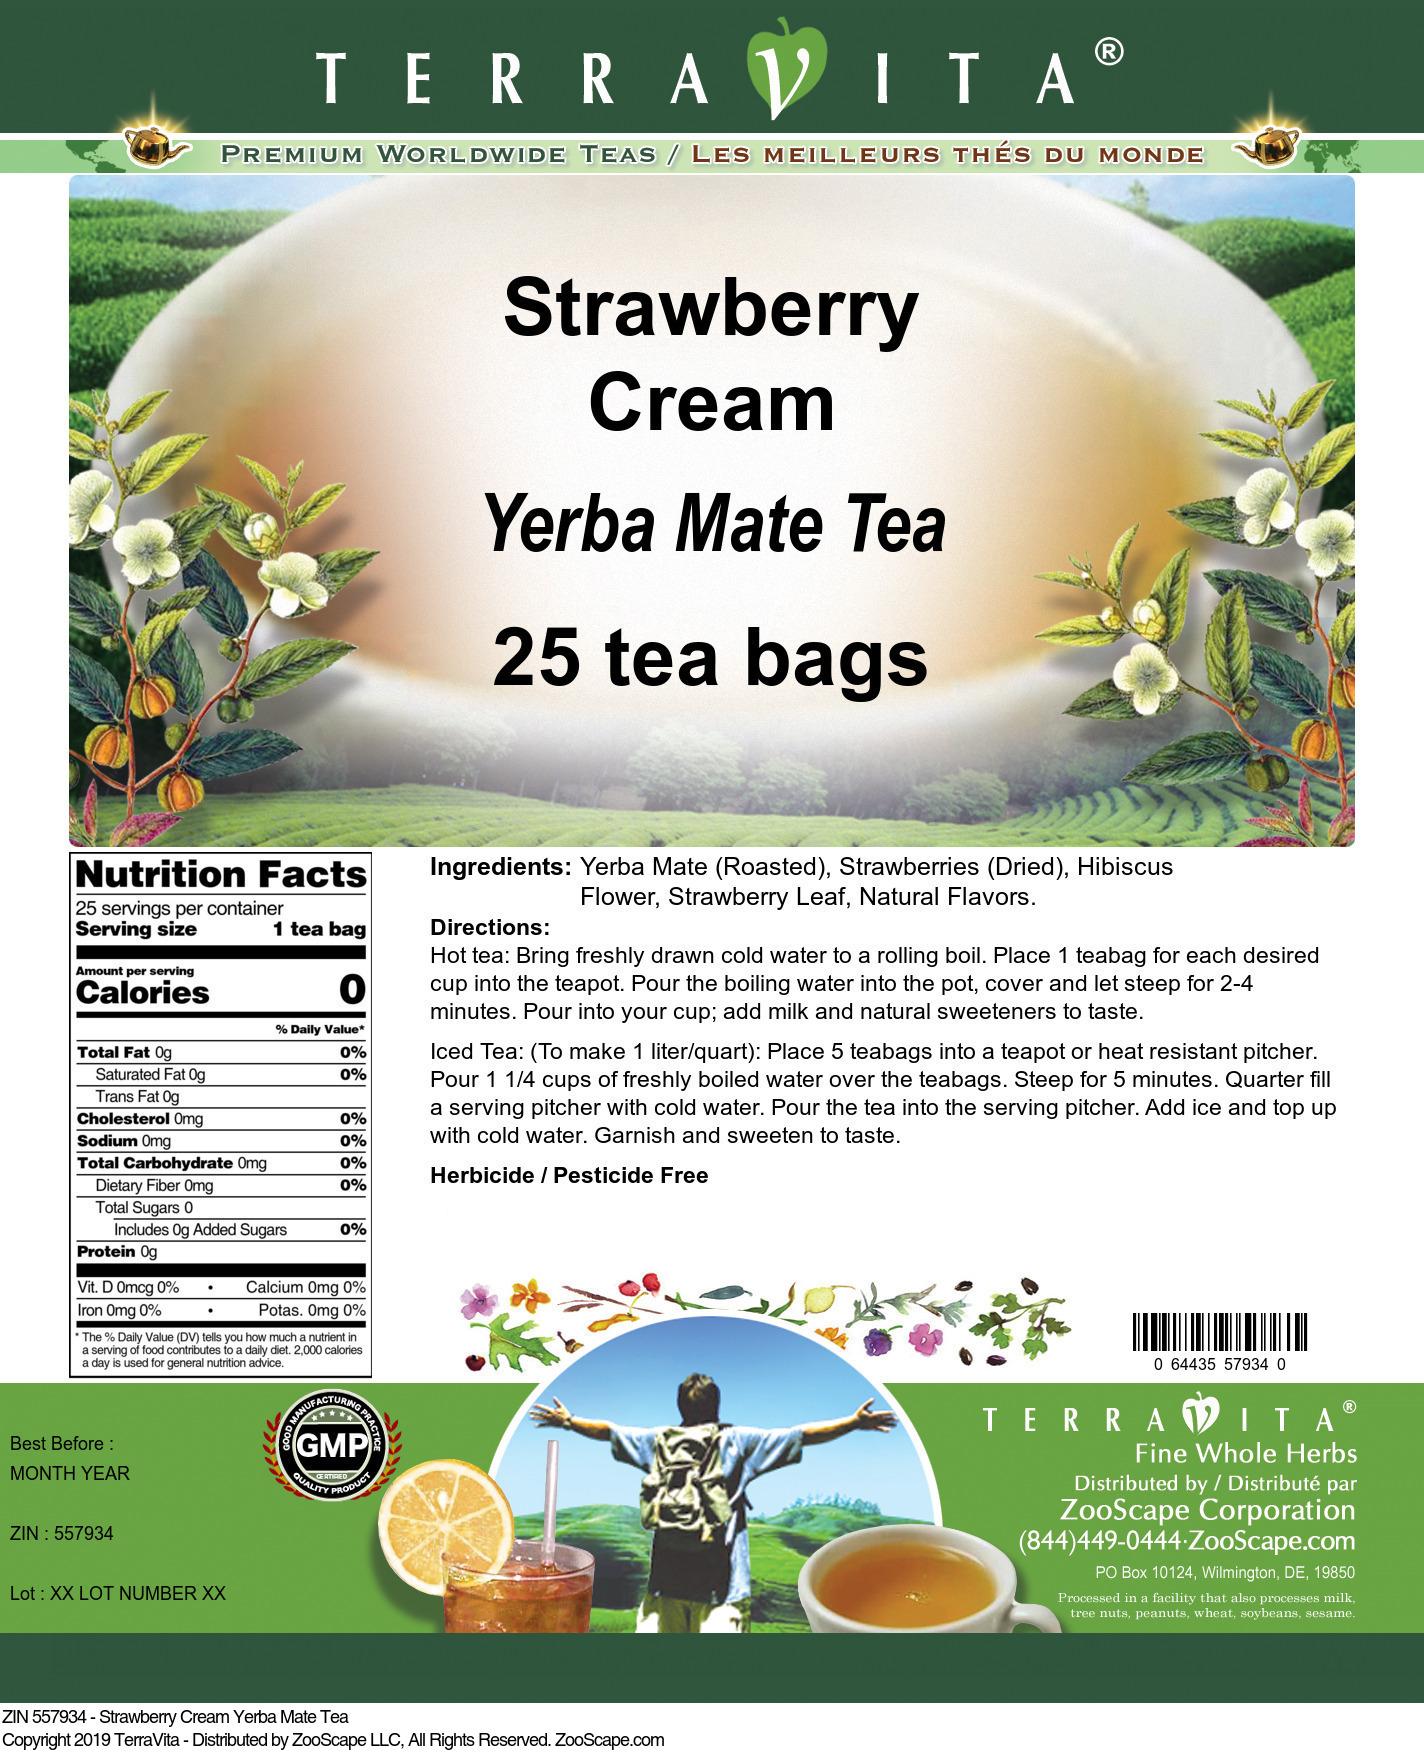 Strawberry Cream Yerba Mate